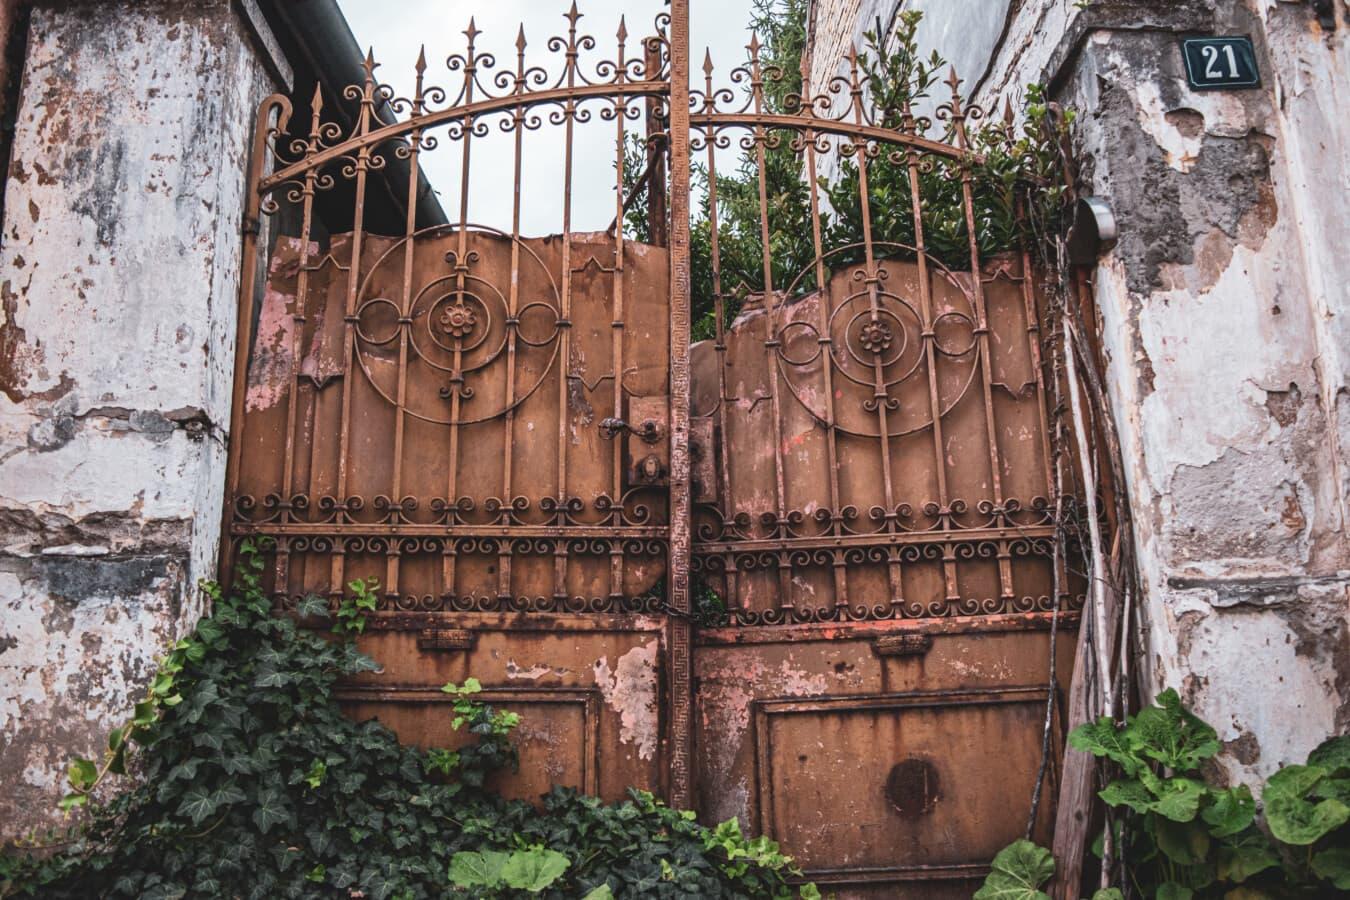 Grunge, Verfall, Gateway, aus Gusseisen, alten Stil, vor der Tür, frontal, alt, Eisen, verlassen